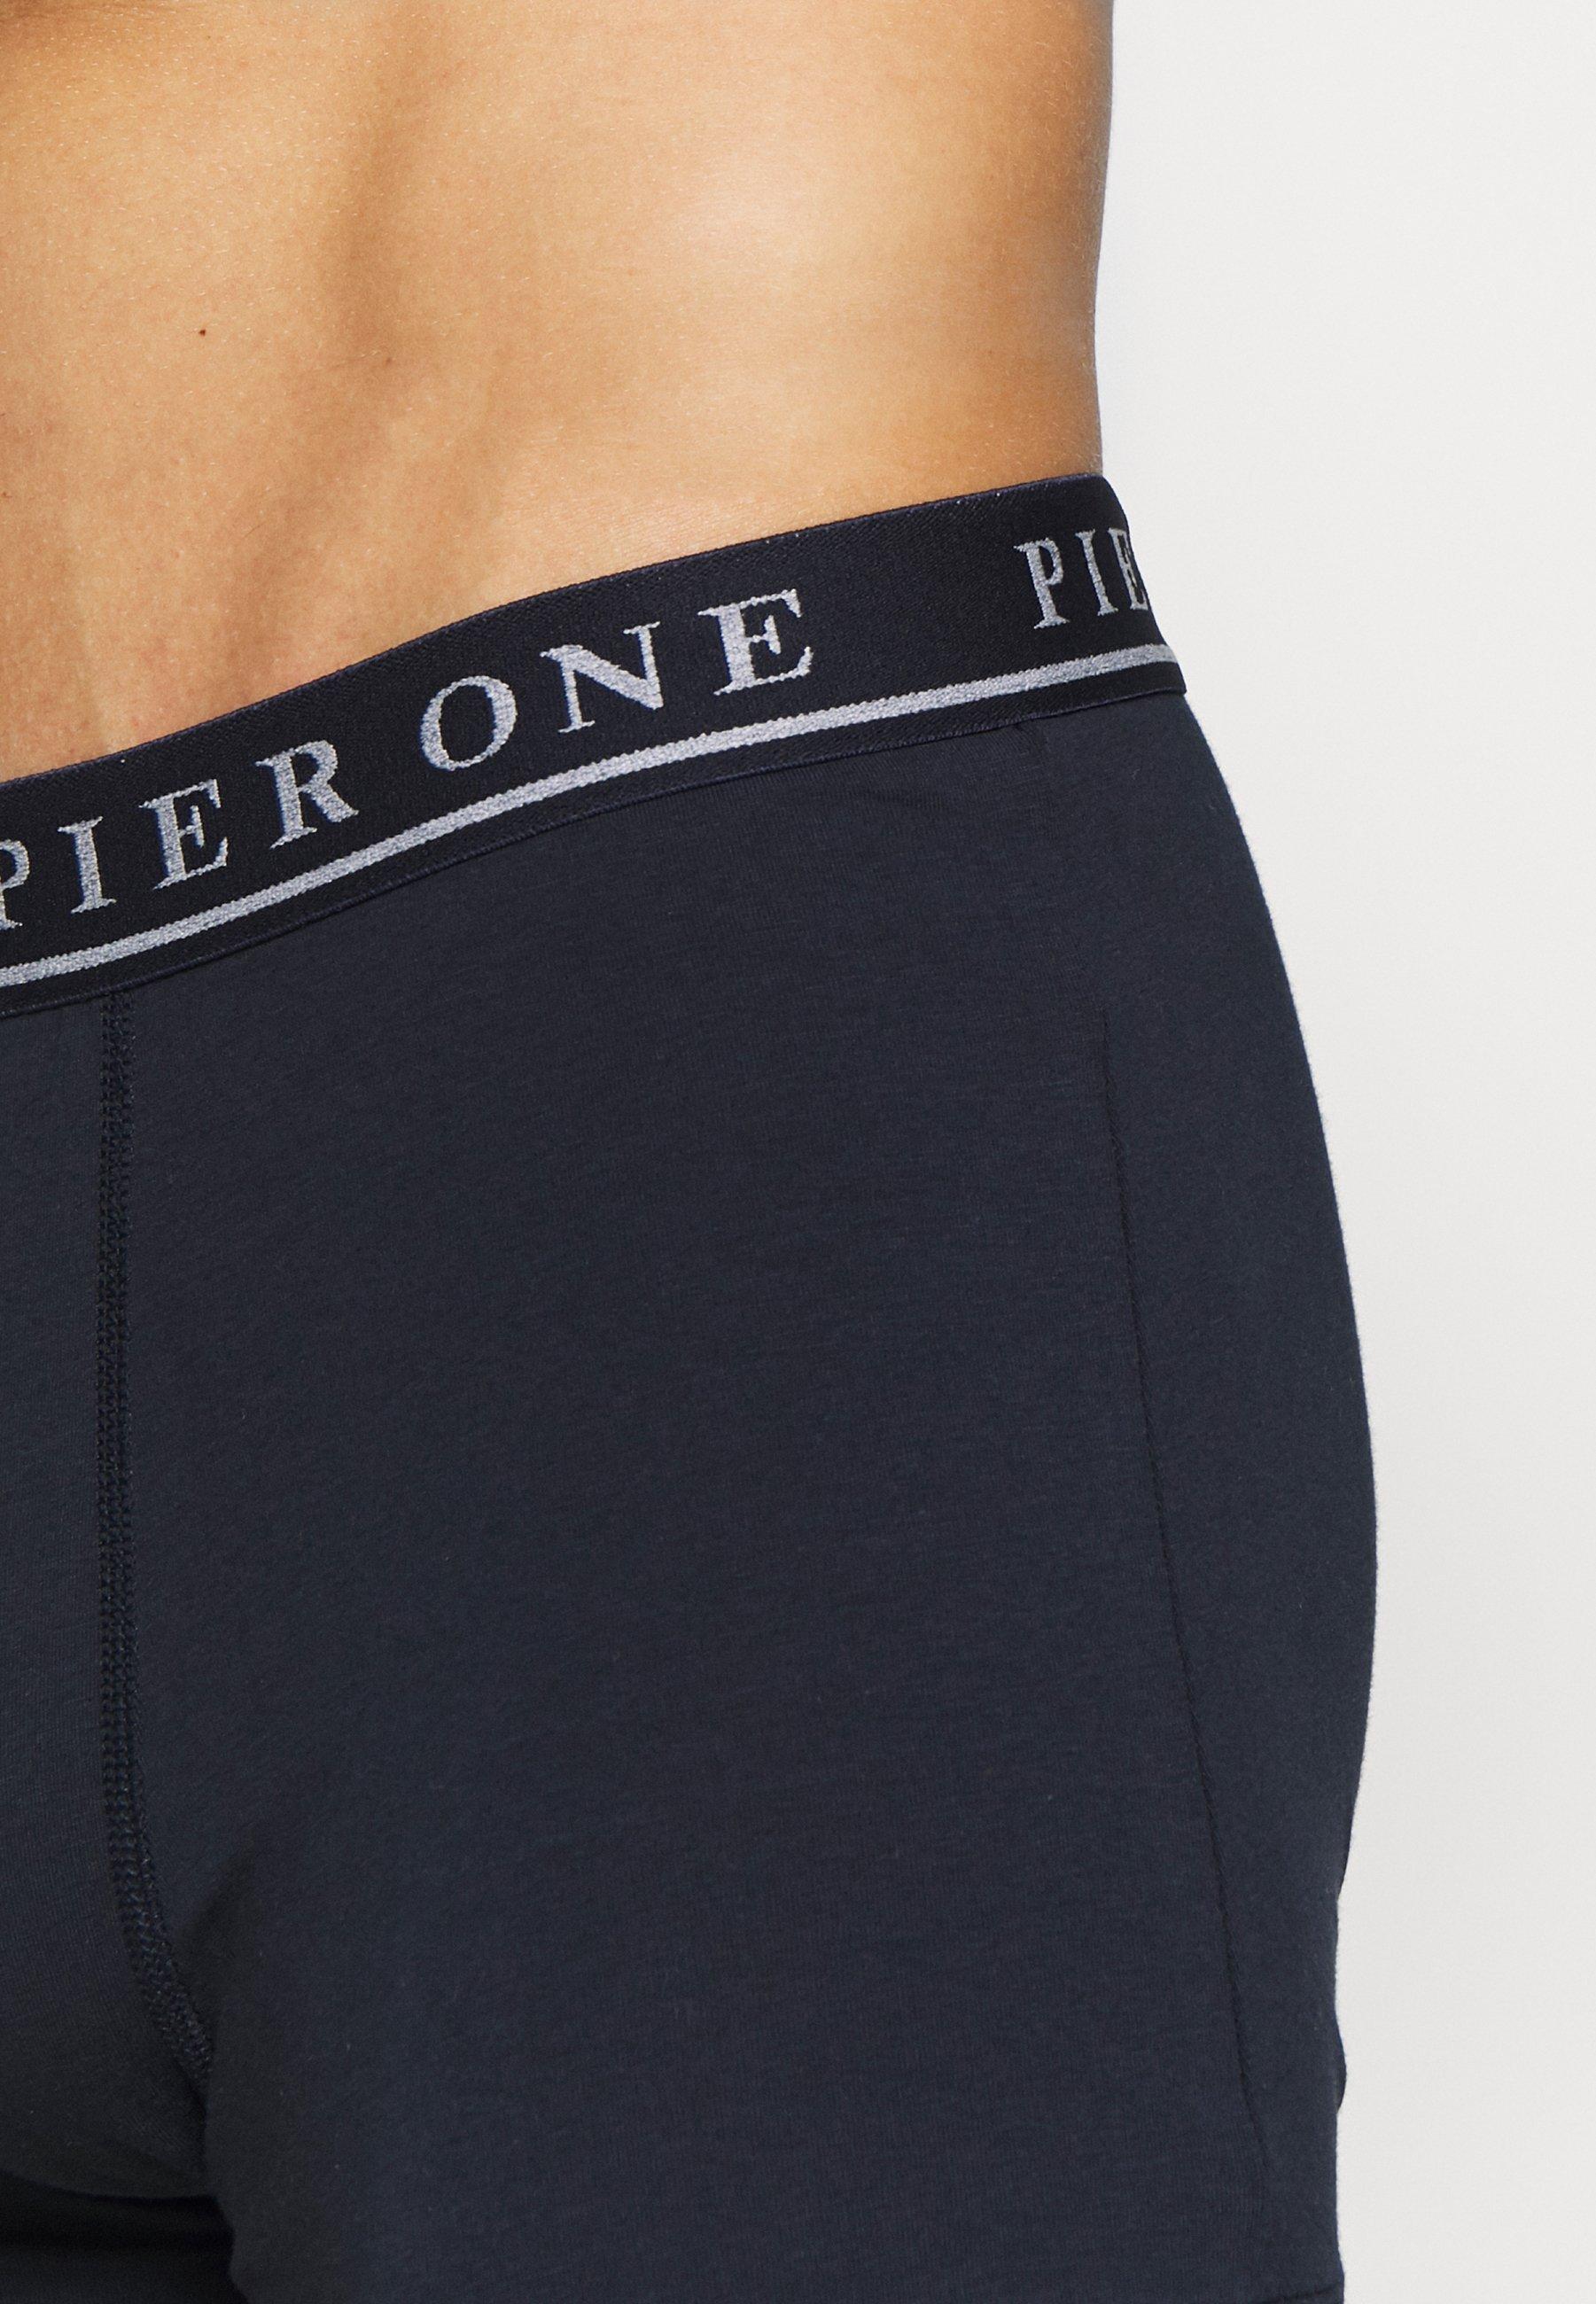 Pier One 5 Pack - Shorty Dark Blue/mottled Grey